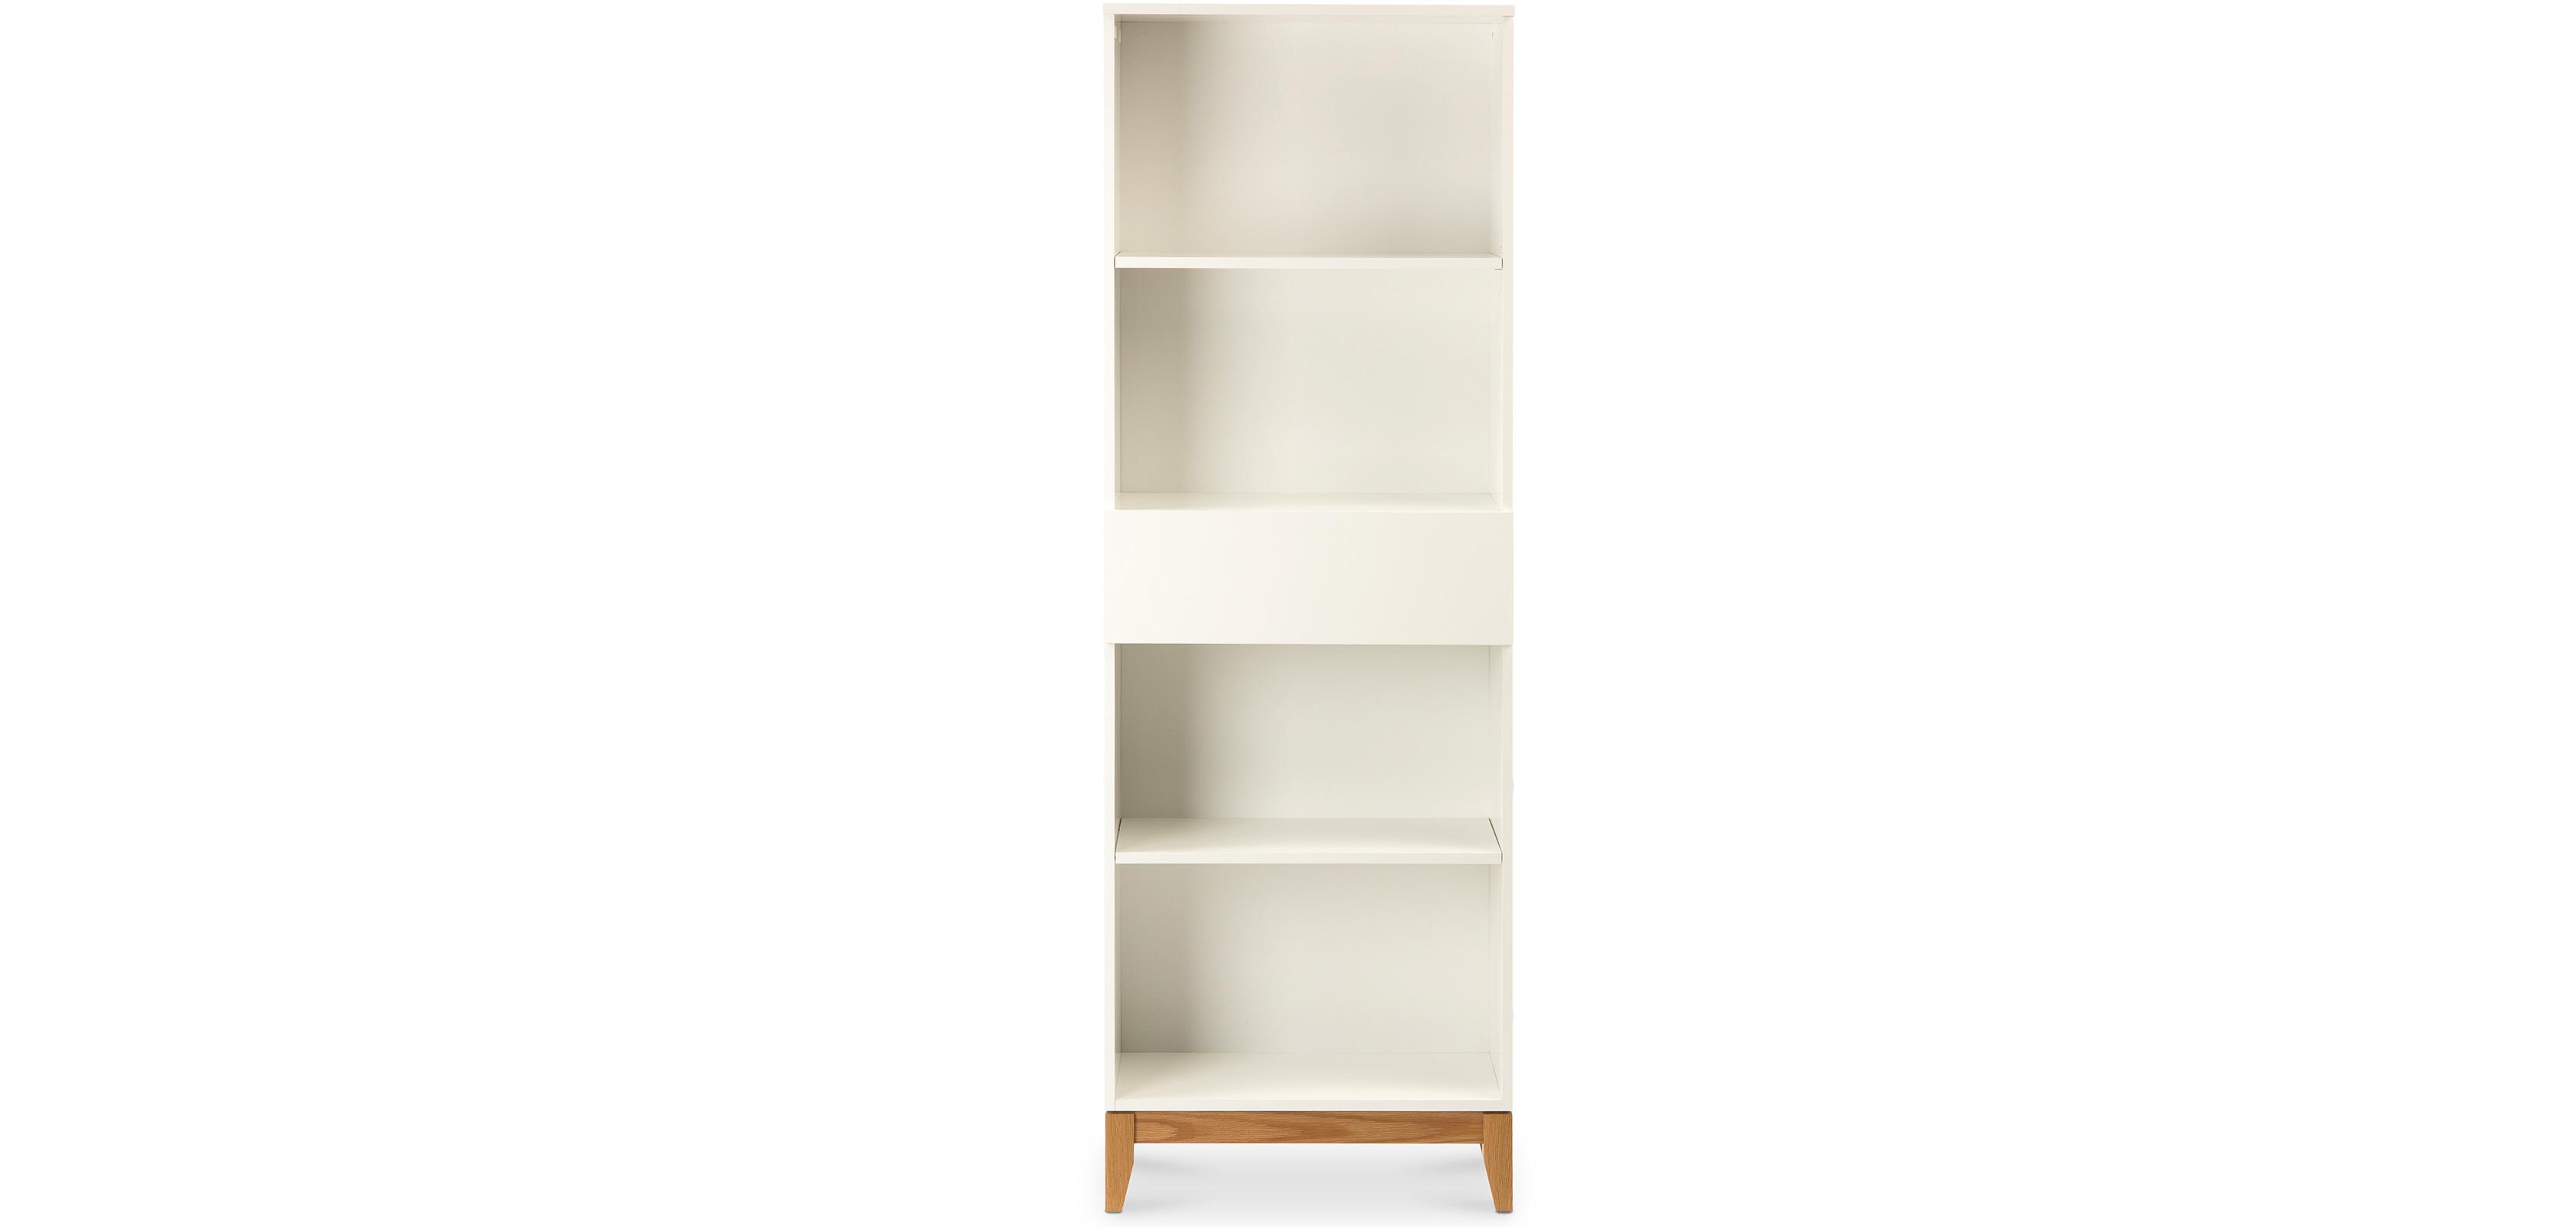 bibliothèque de style scandinave - miurem